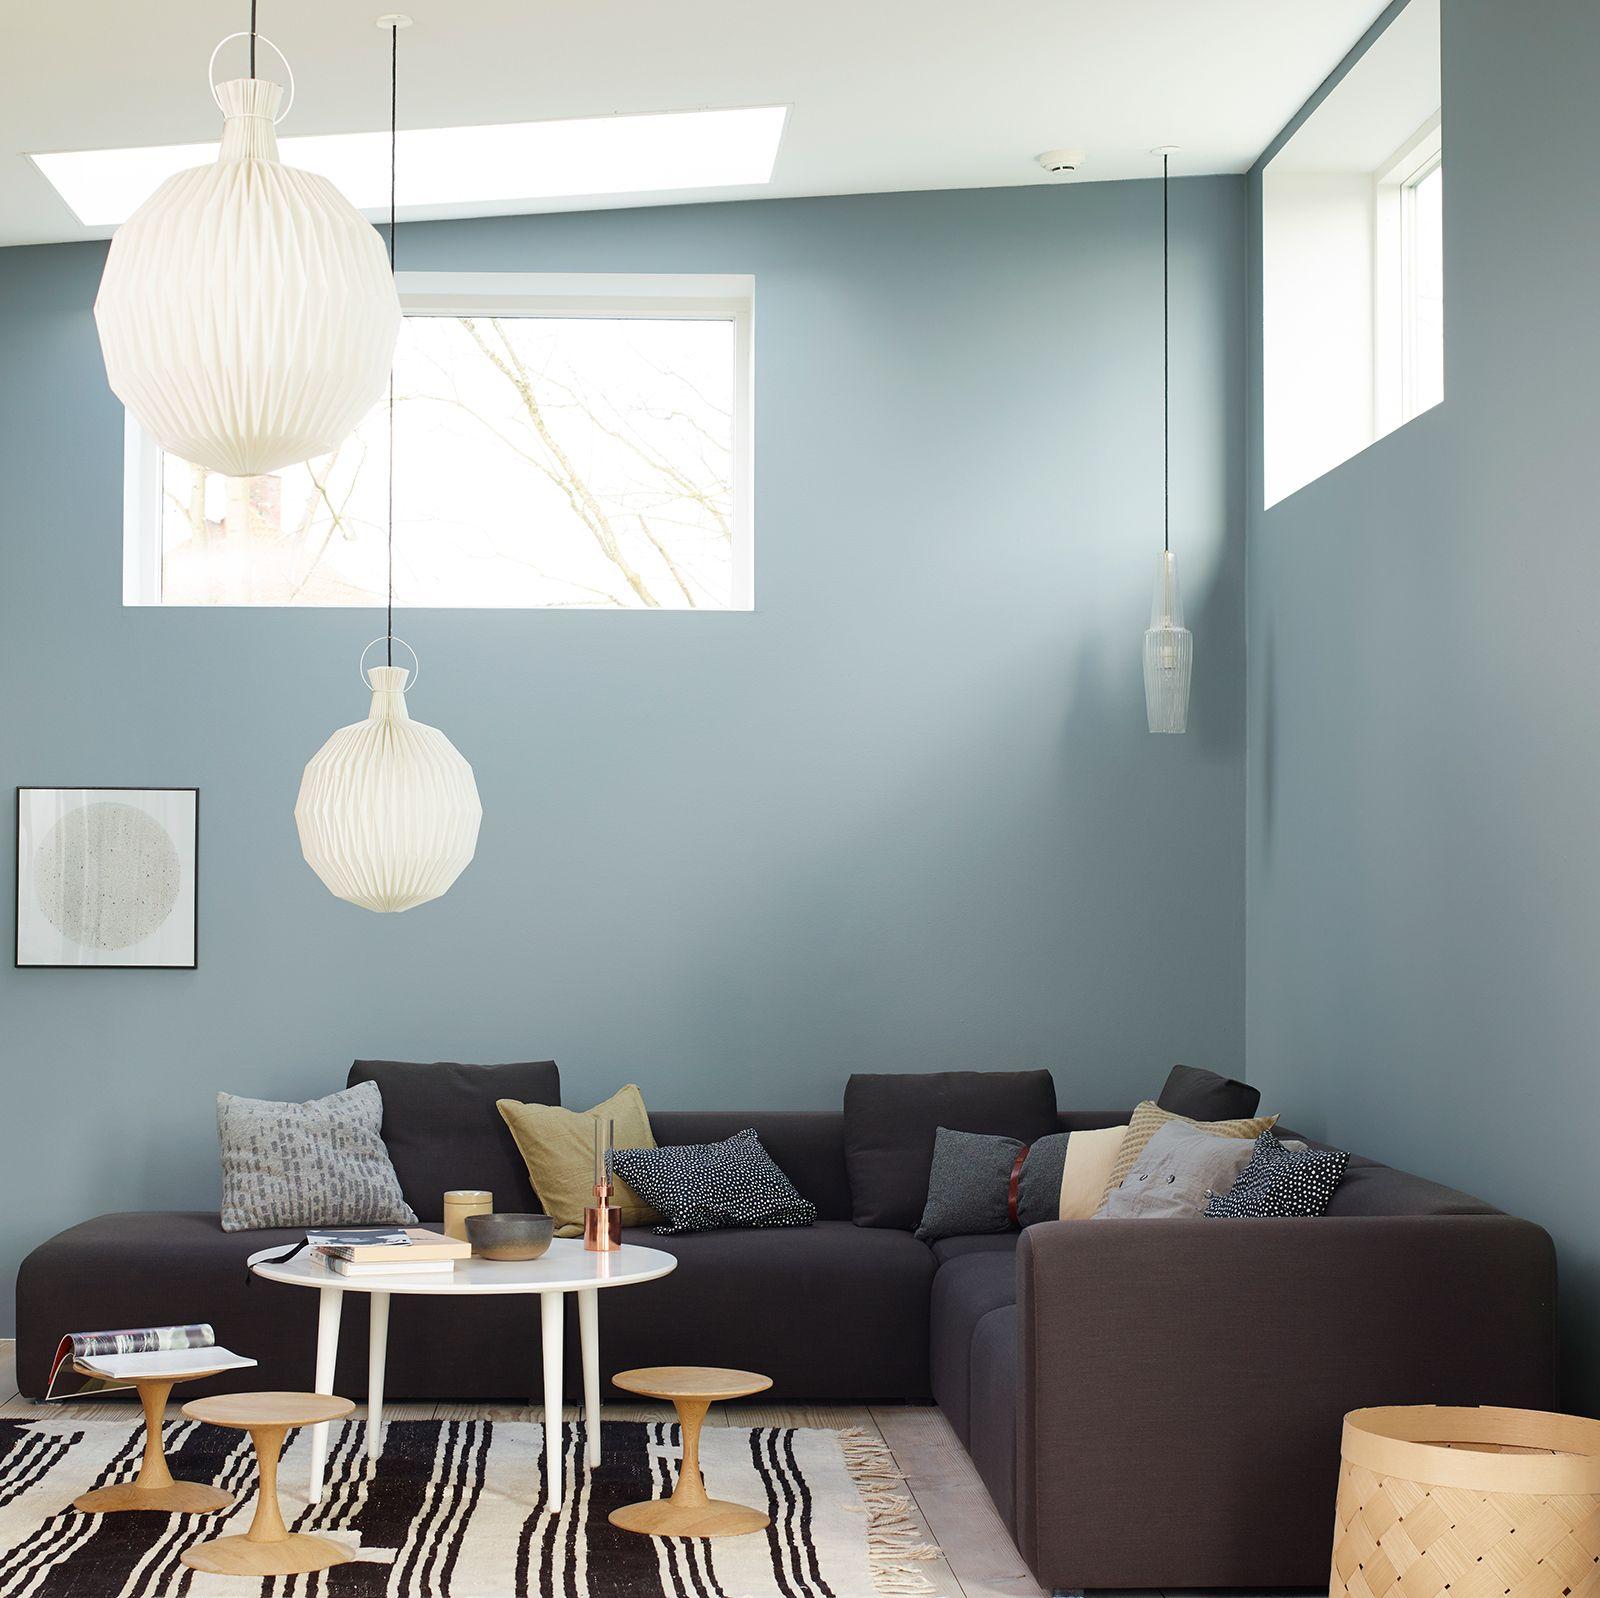 فينوماستيك بيتي مطفي غني موضة الألوان من جوتن Bedroom Design Home Decor Inspiration Home Decor